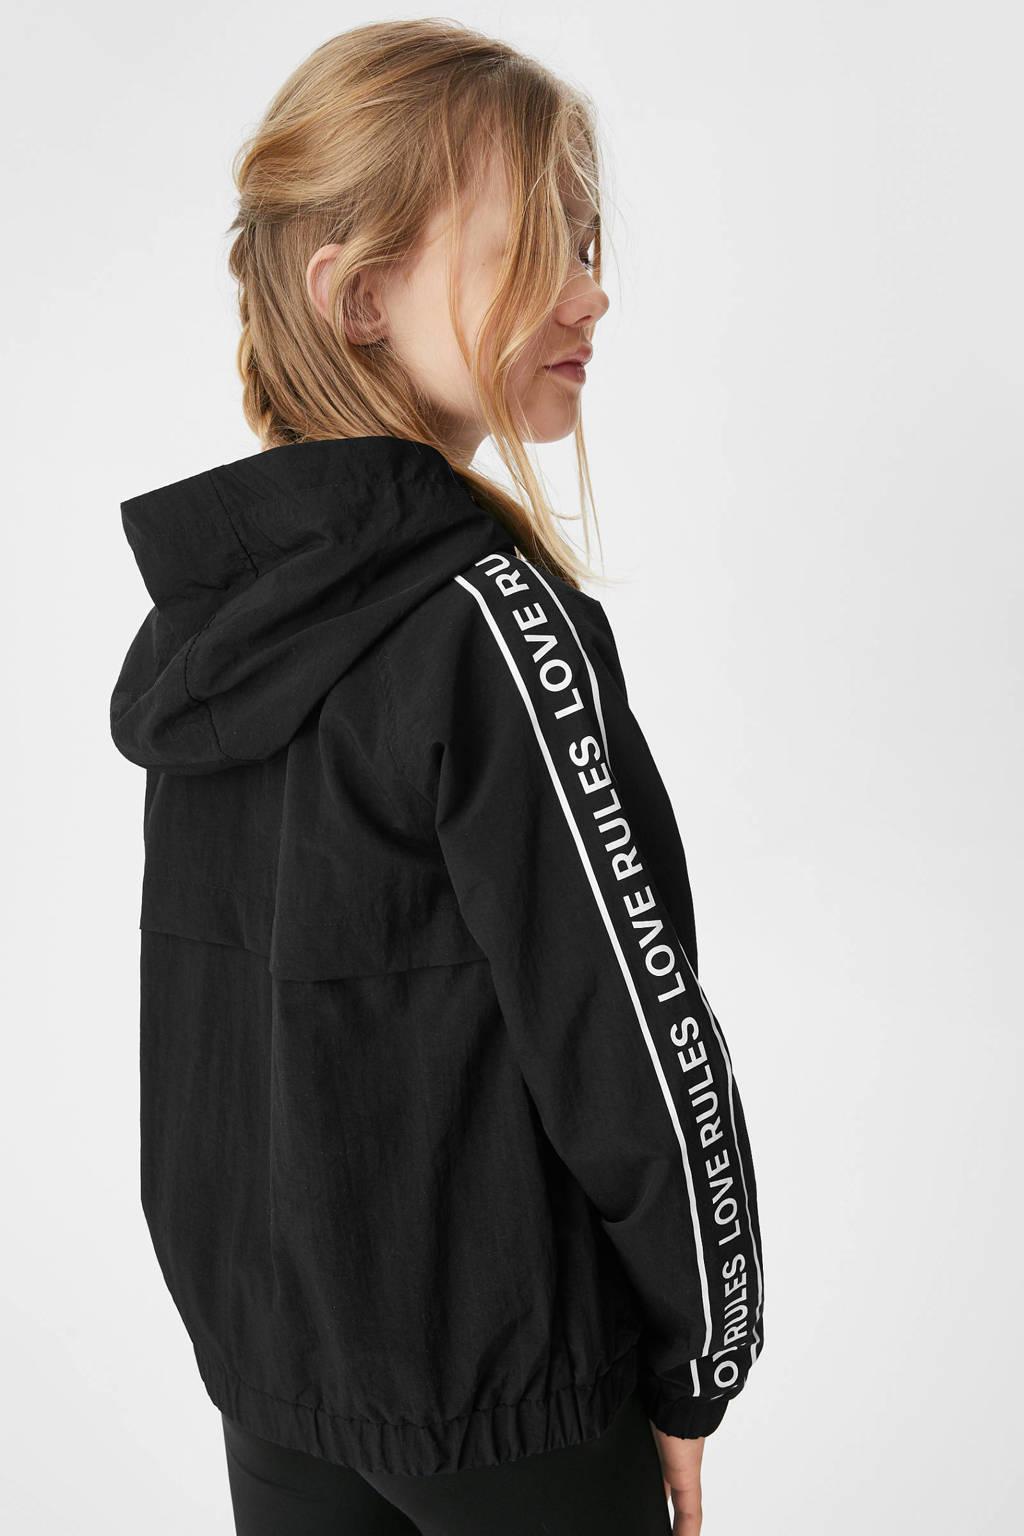 C&A Here & There  zomerjas met tekst zwart, Zwart